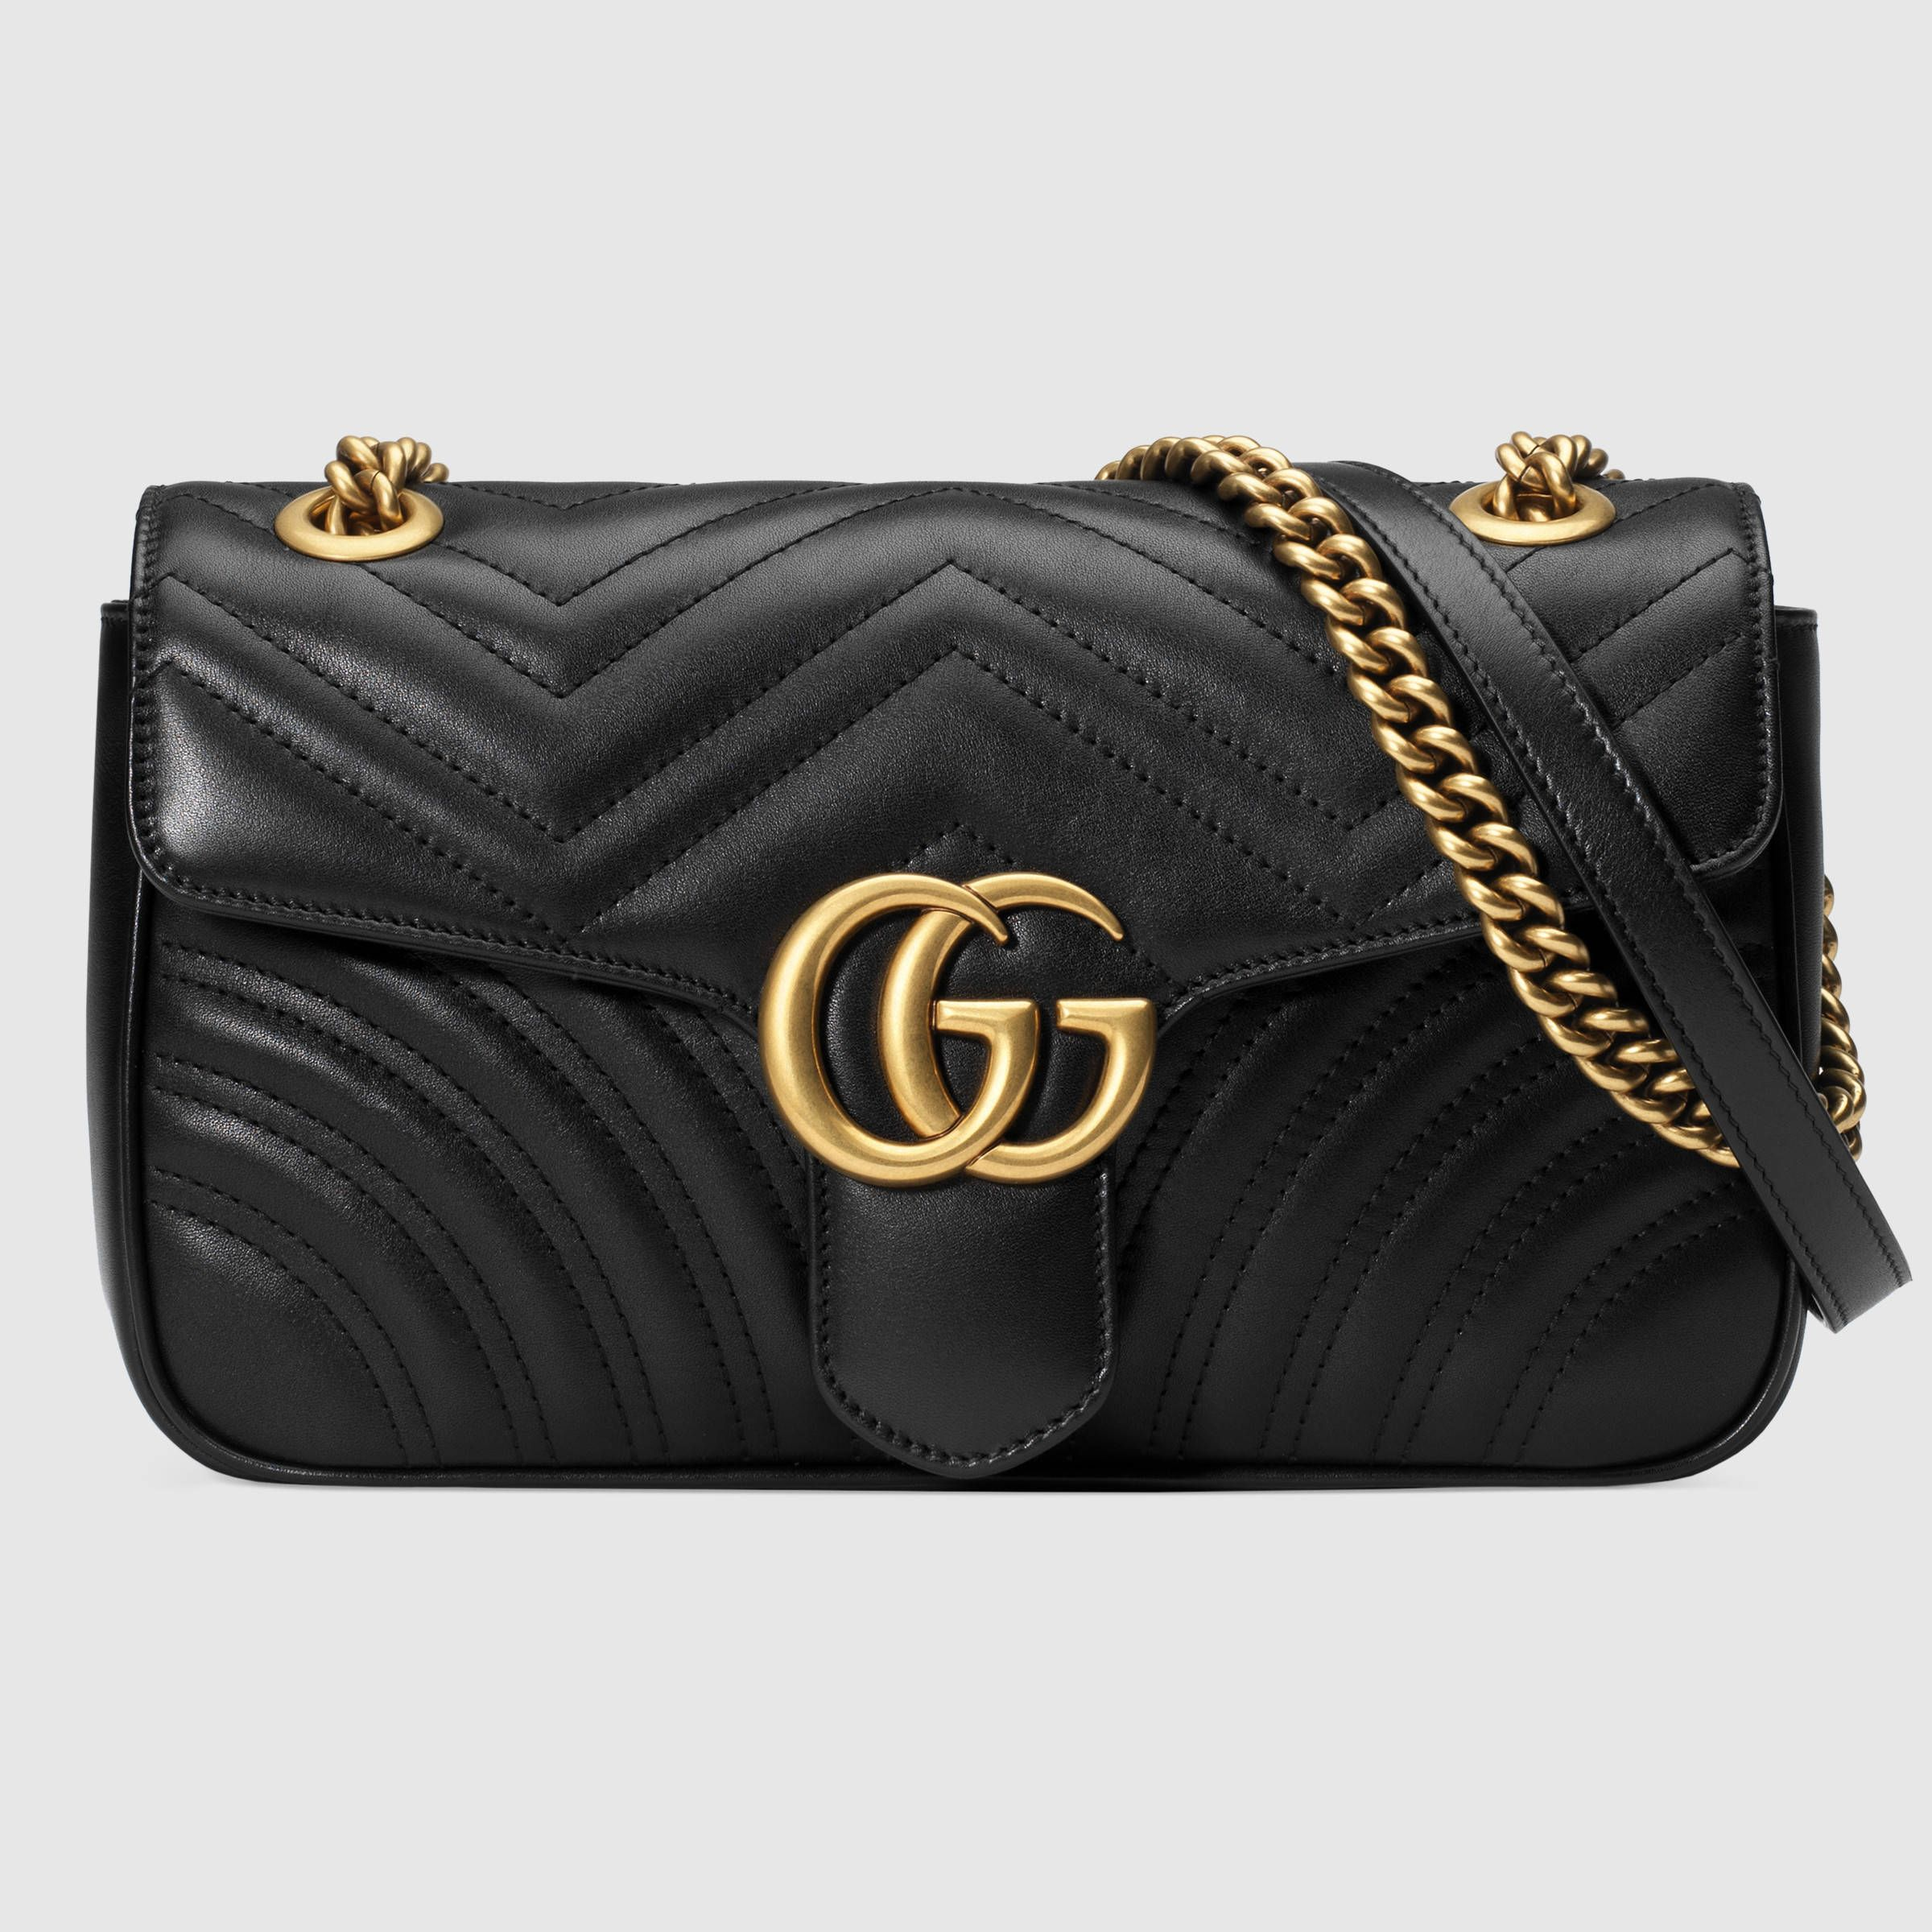 Gucci Black Snakeskin Leather Gold Evening Saddle Crossbody Shoulder Flap Bag BjmQzyE